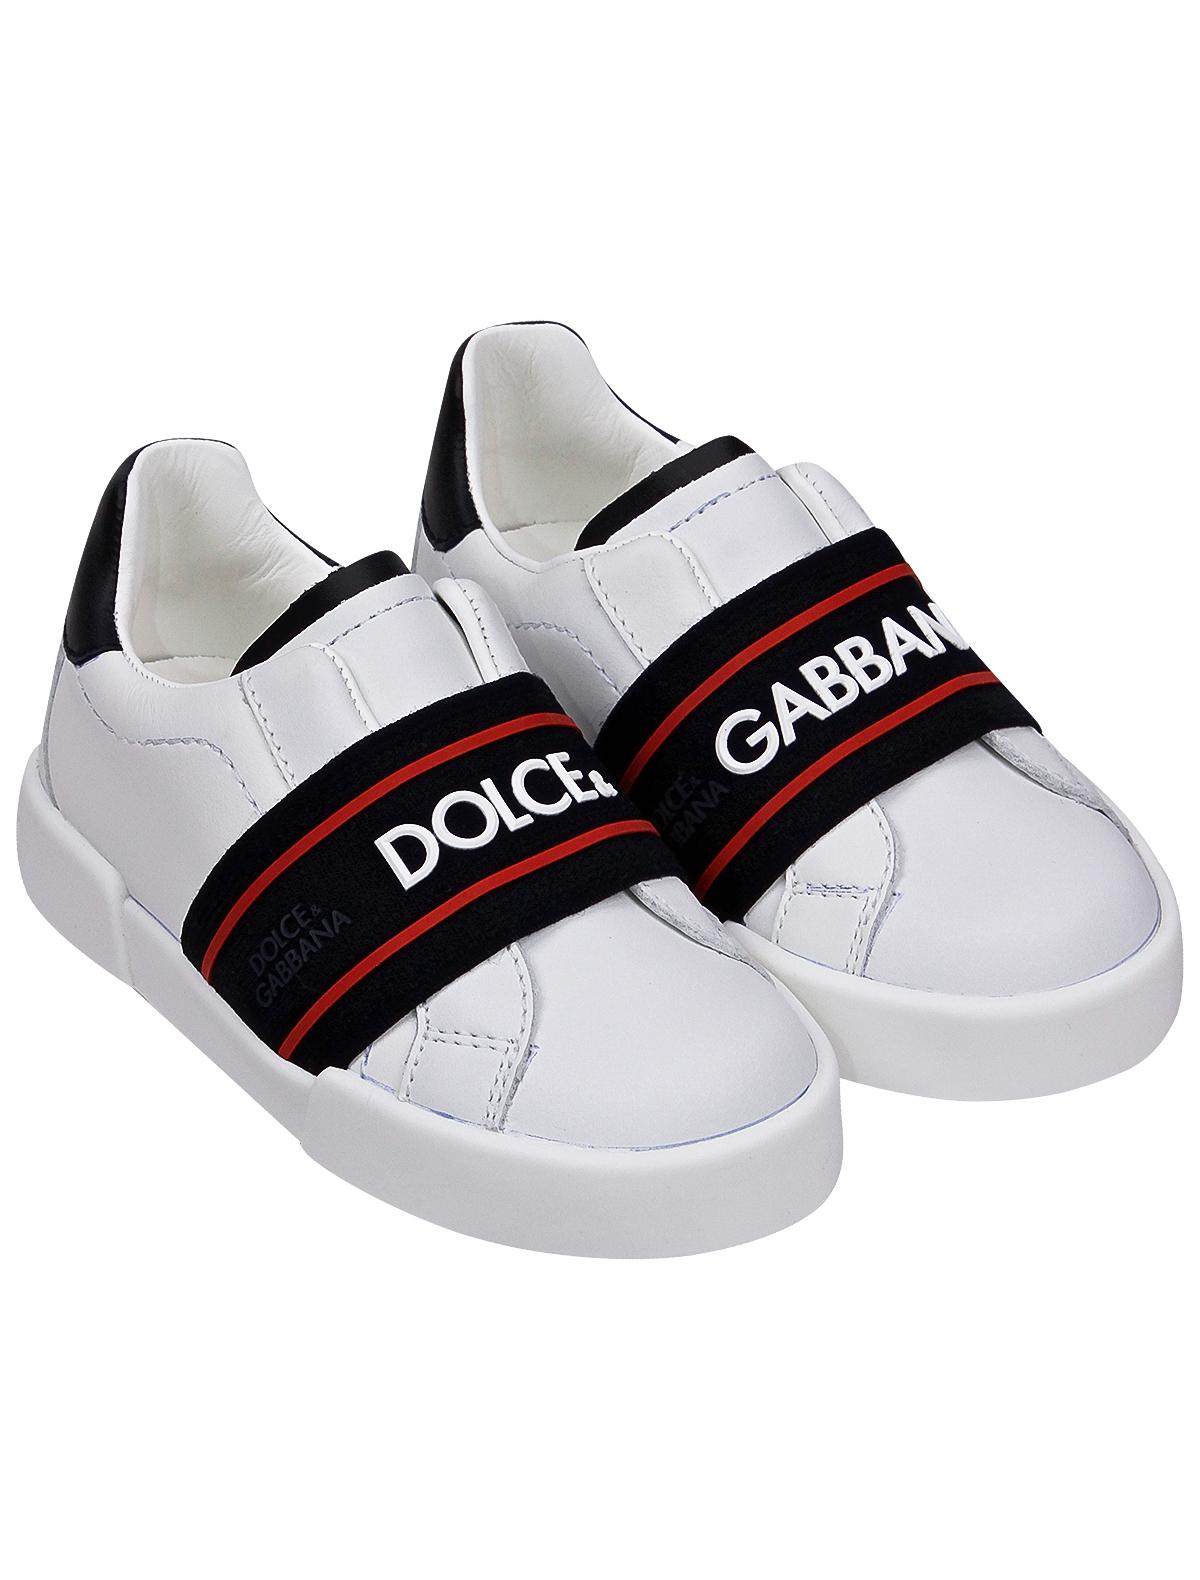 2281720, Кеды Dolce & Gabbana, белый, 2094529172094  - купить со скидкой